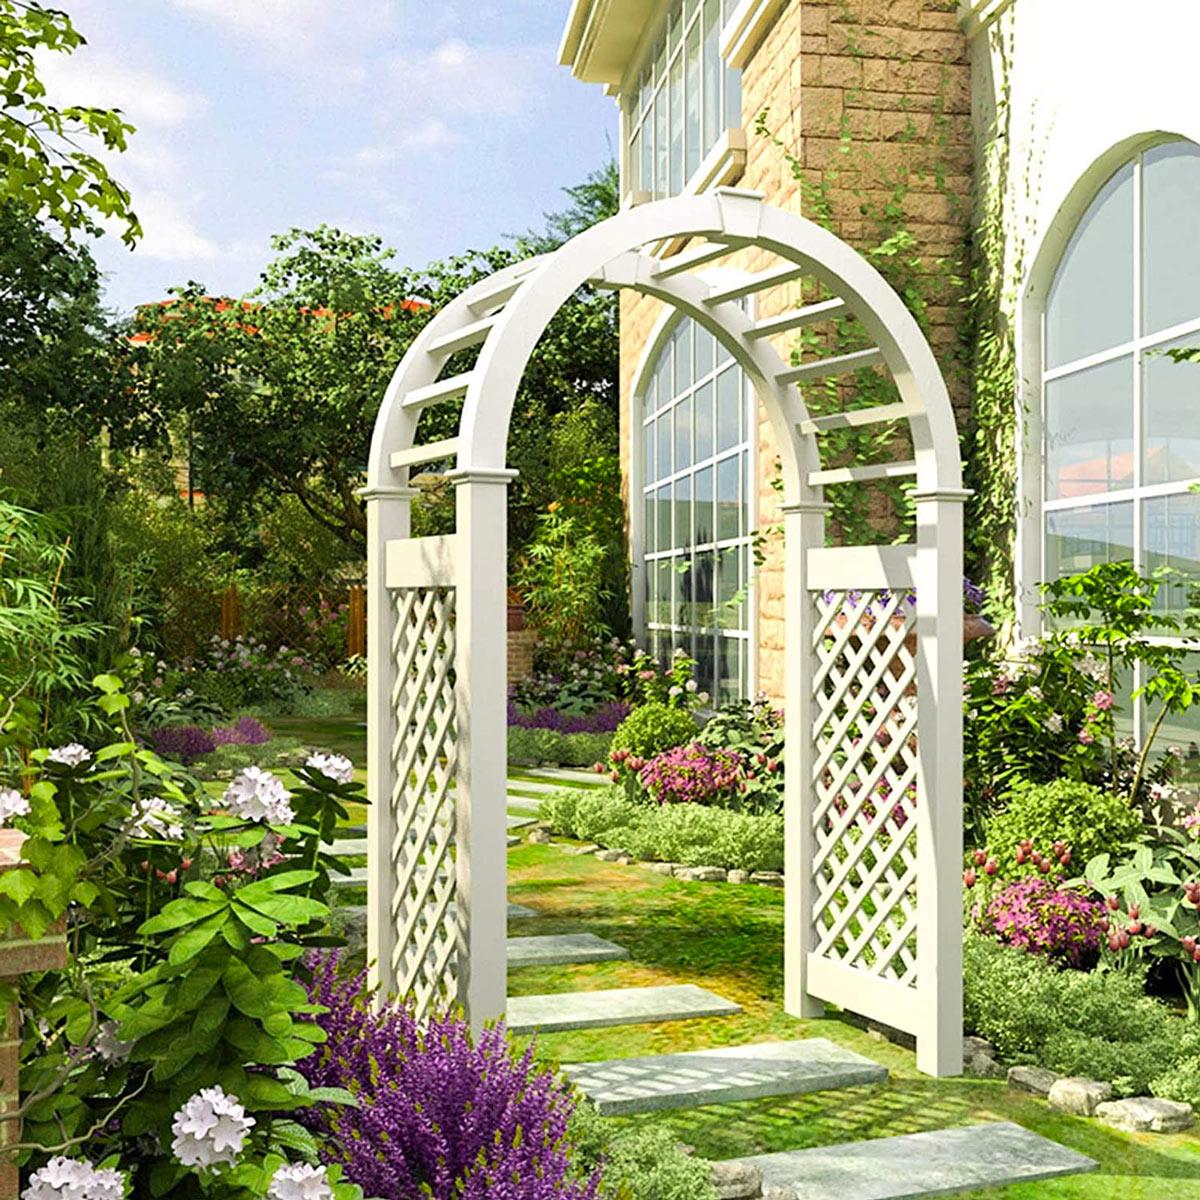 Arche en bois jardin.